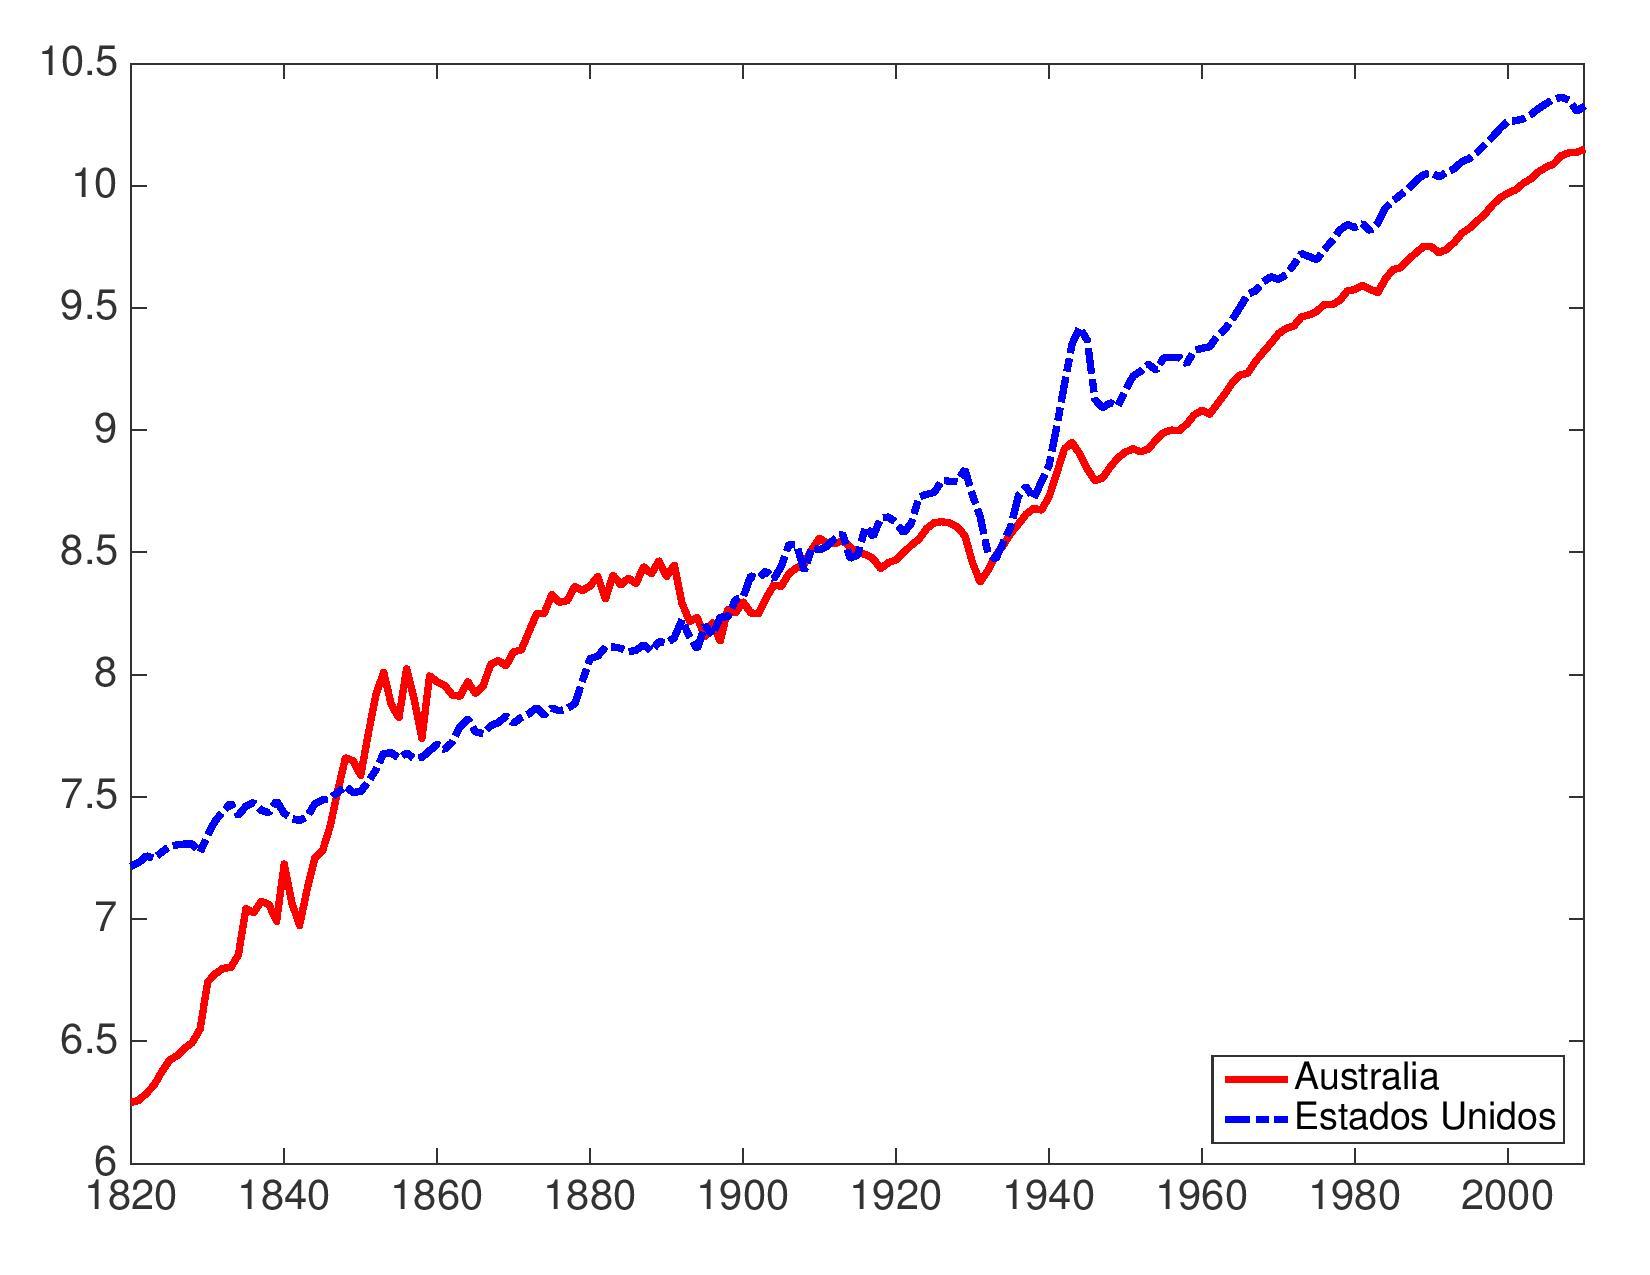 Historia económica de Australia: una guía rápida